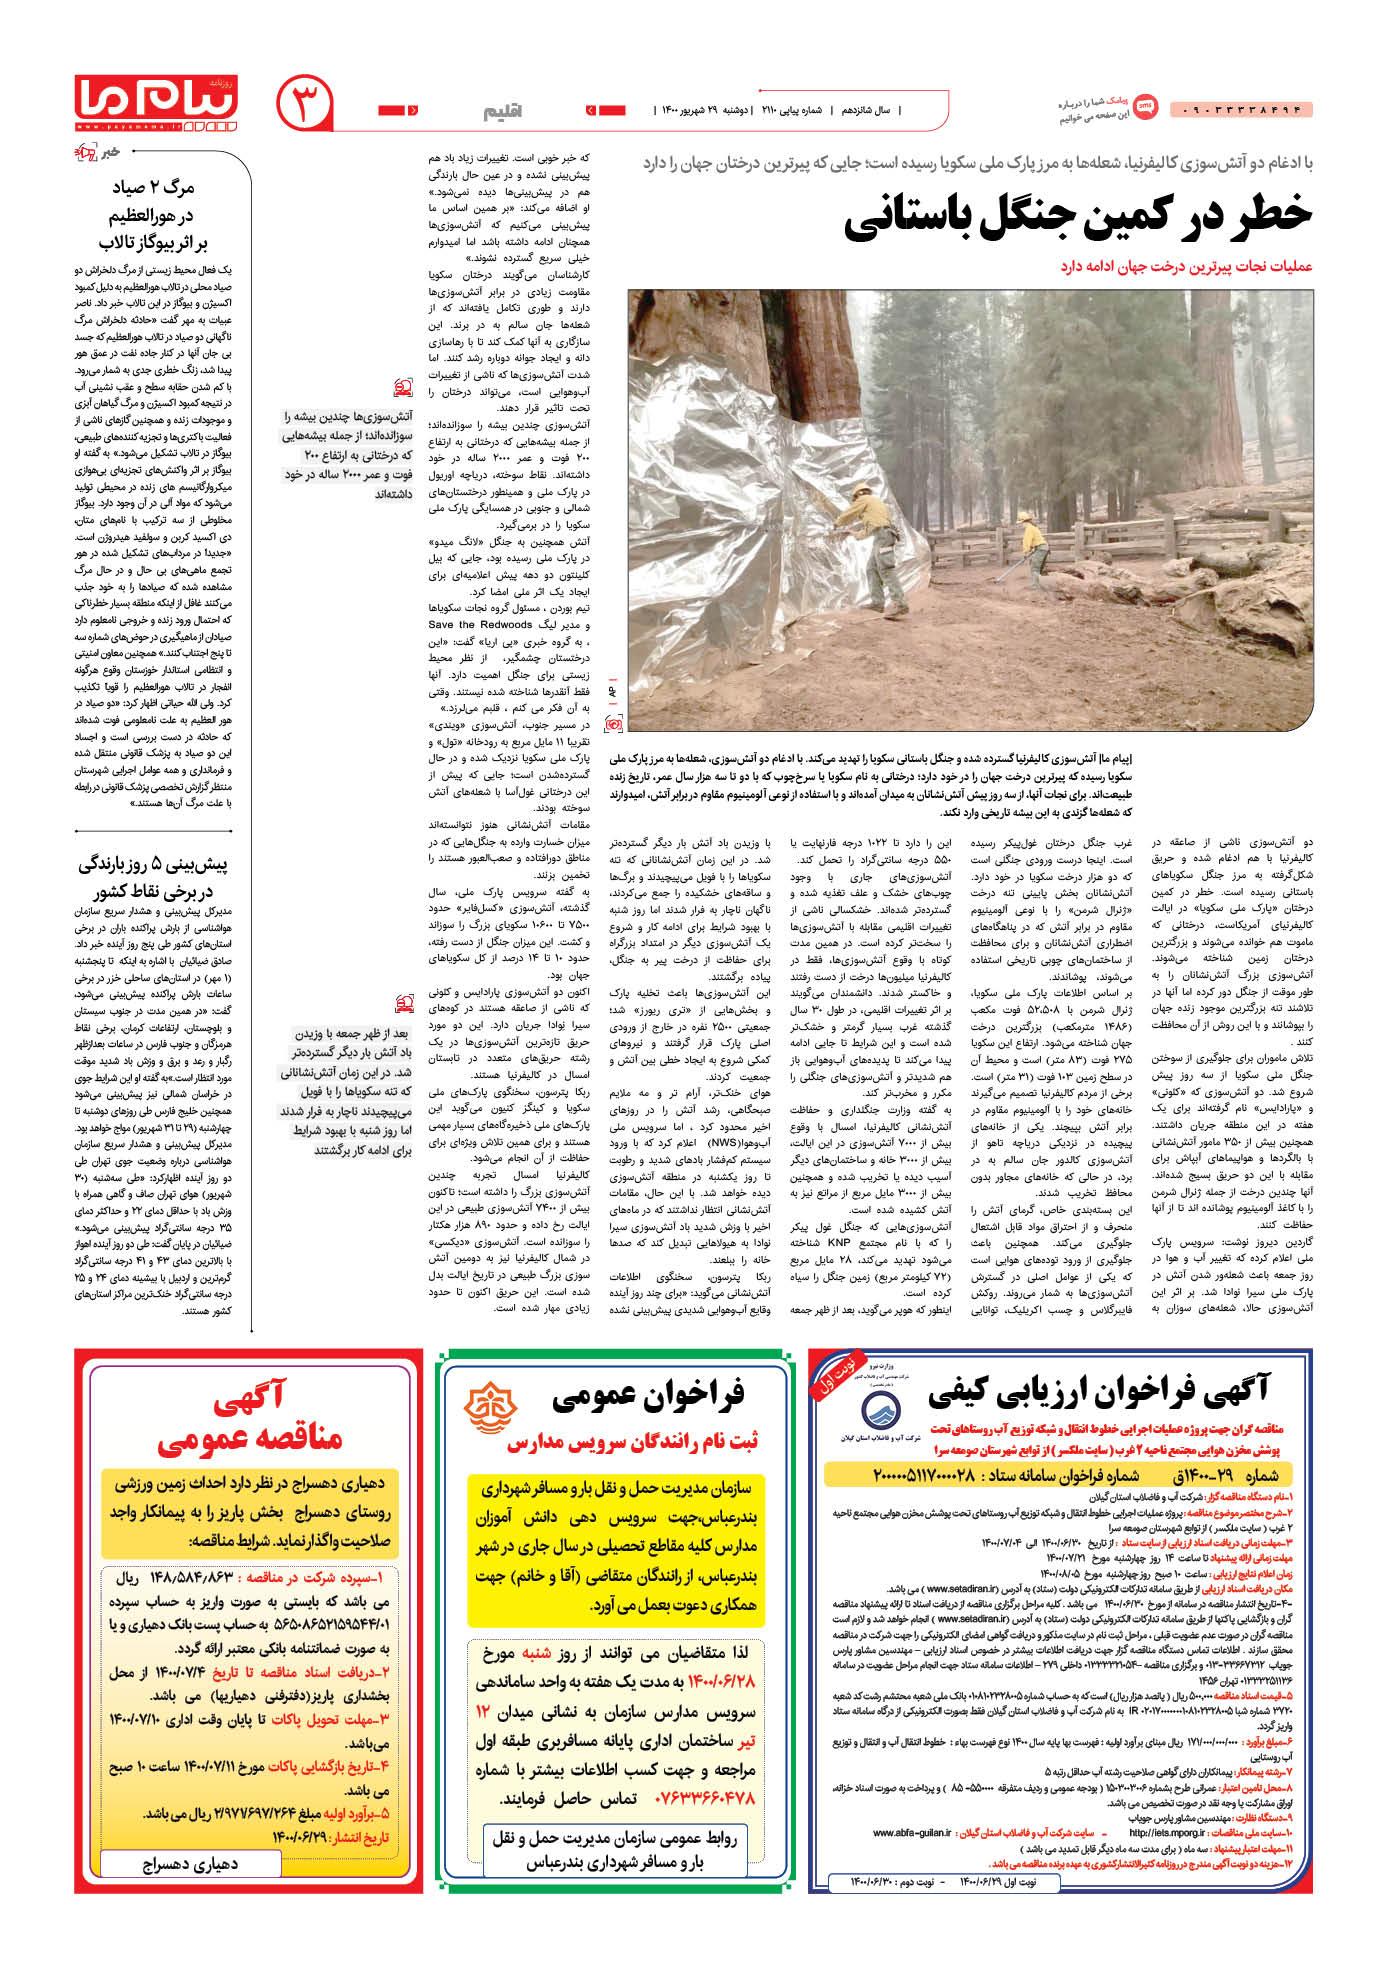 صفحه اقلیم شماره 2110 روزنامه پیام ما